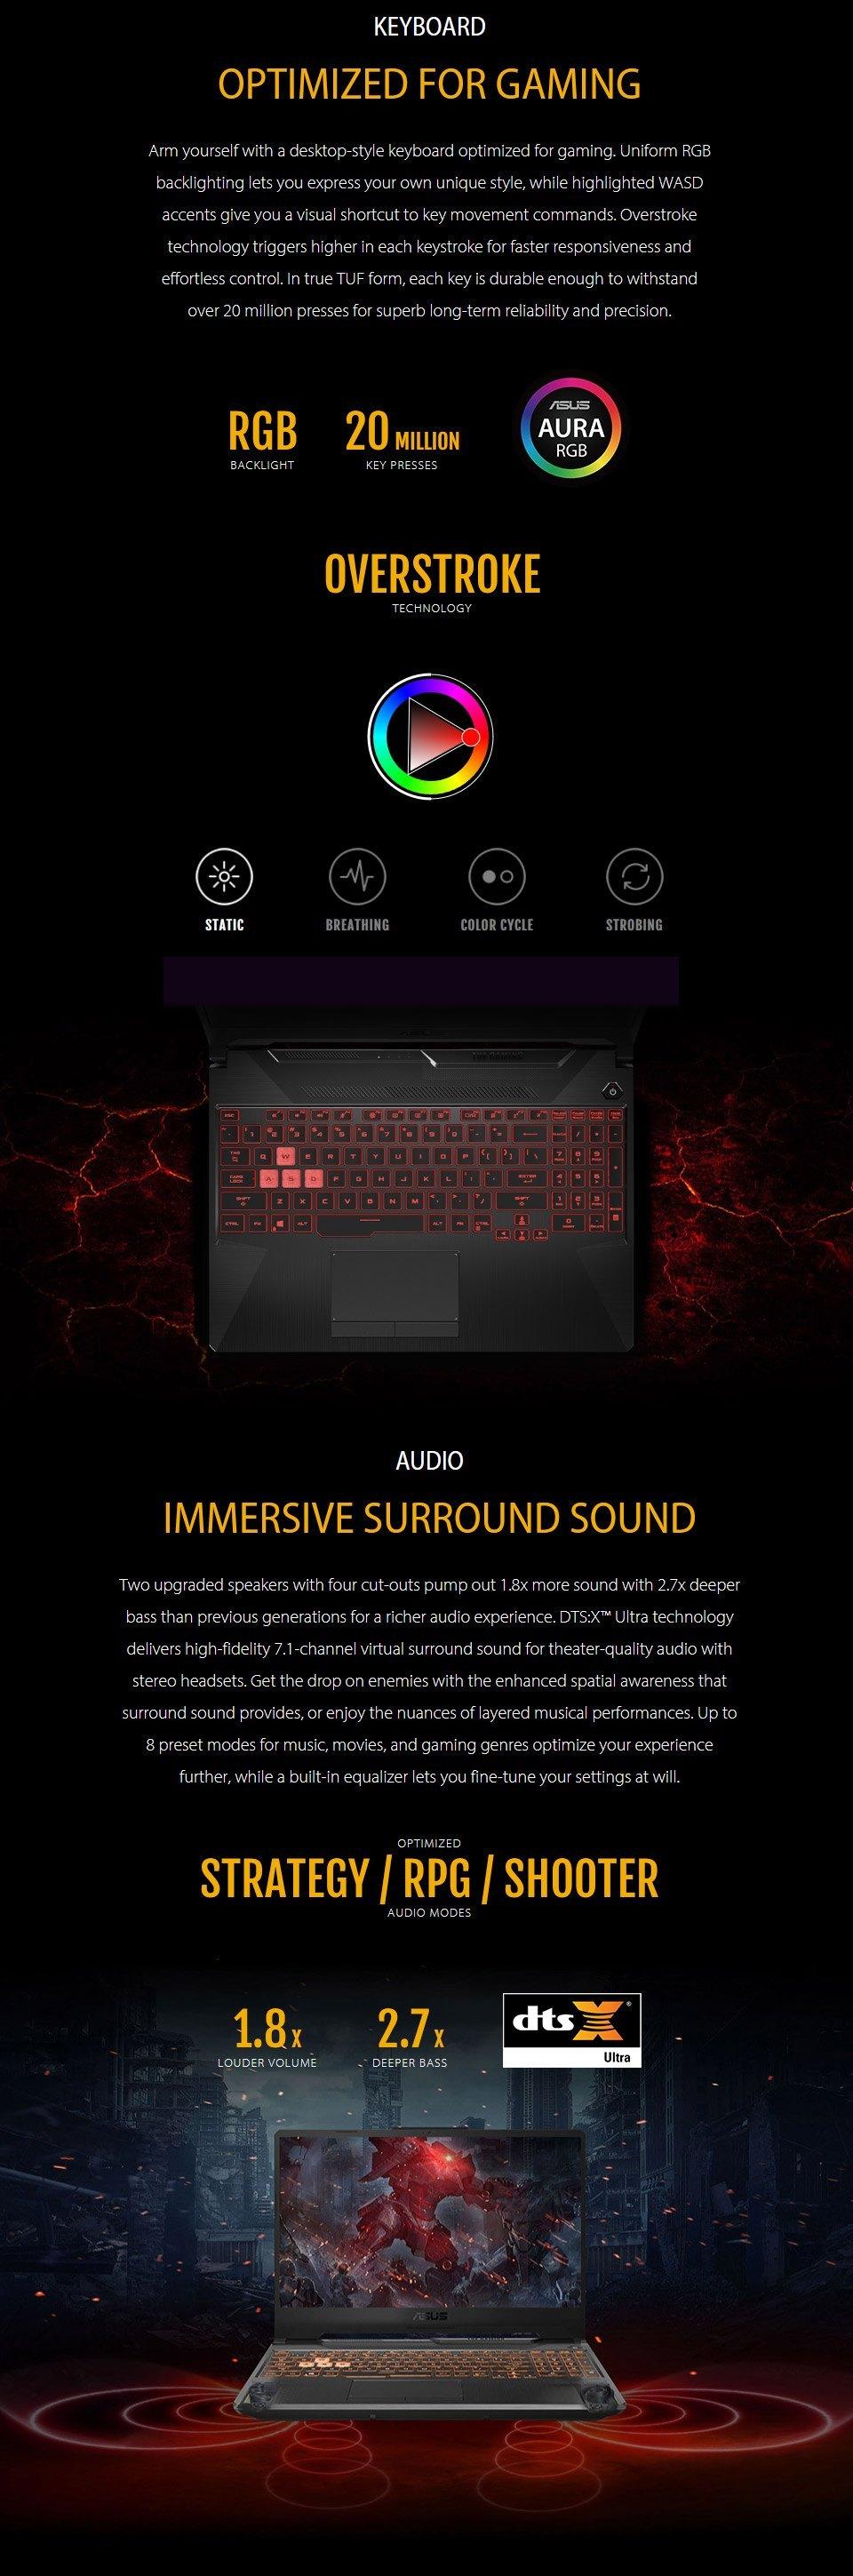 ASUS TUF AMD Ryzen 7 GeForce GTX 1650 Ti 15.6in 144Hz Notebook features 4